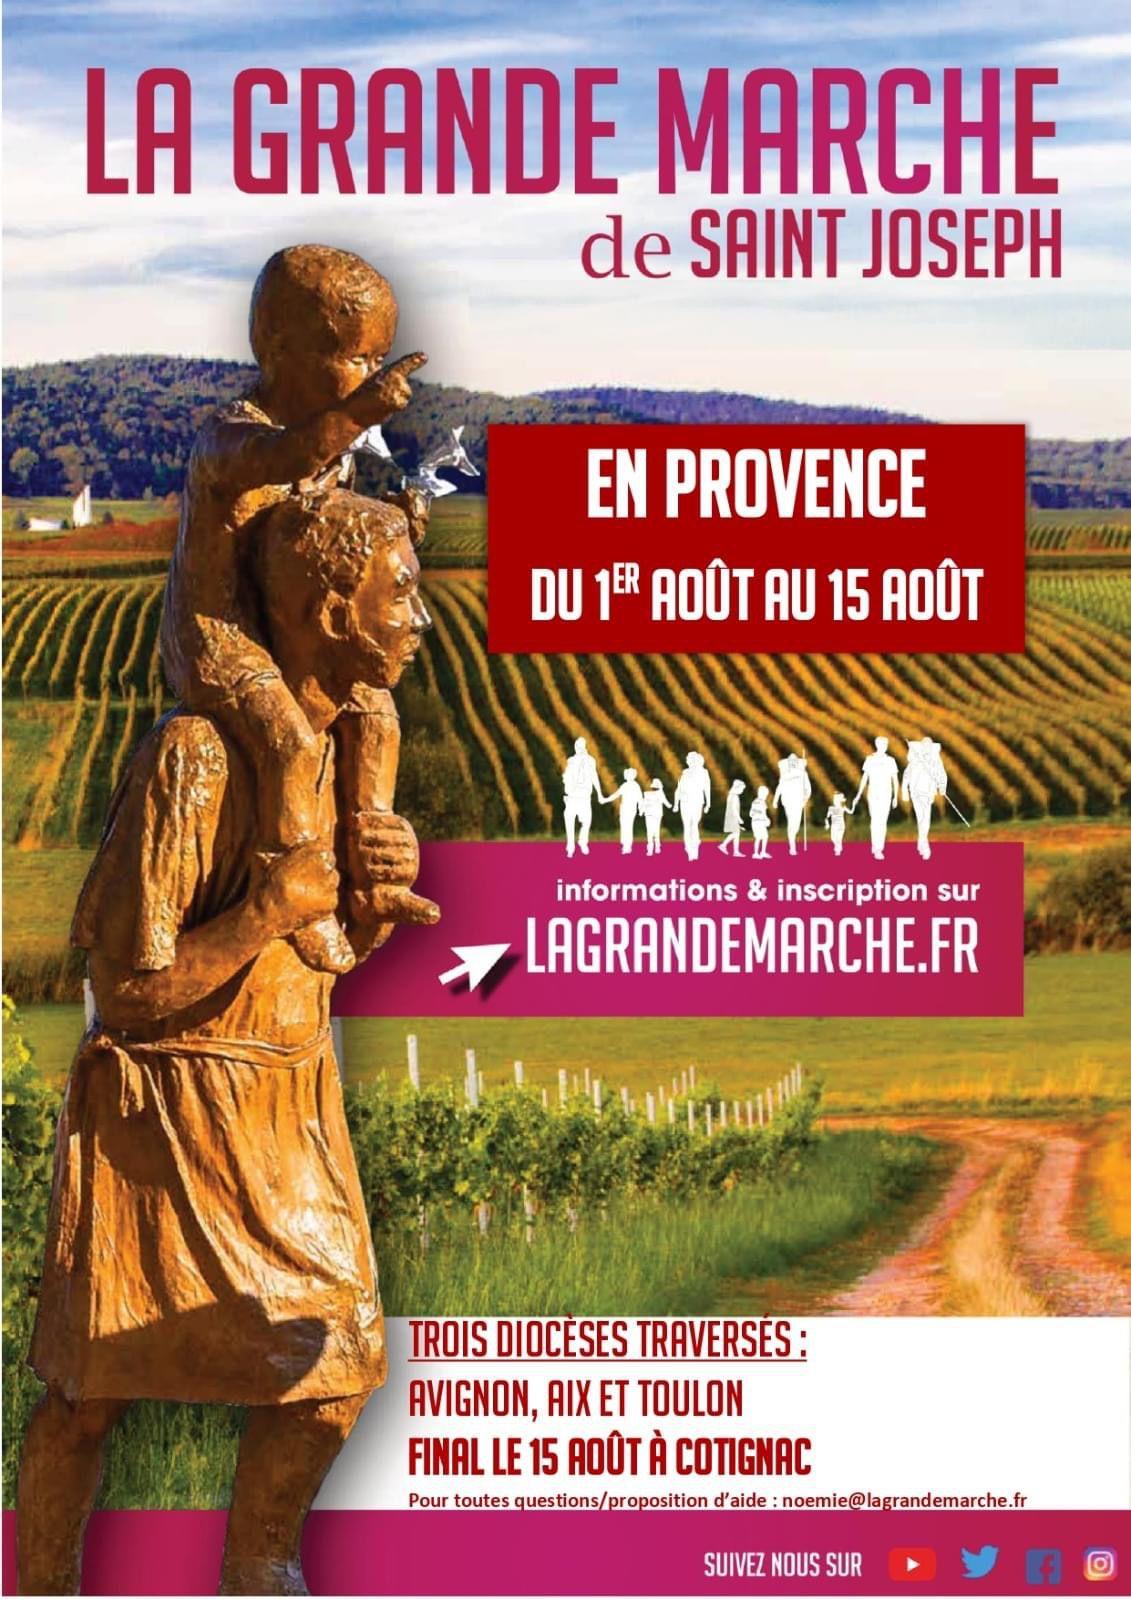 LA GRANDE MARCHE DE SAINT JOSEPH ARRIVE EN PROVENCE !